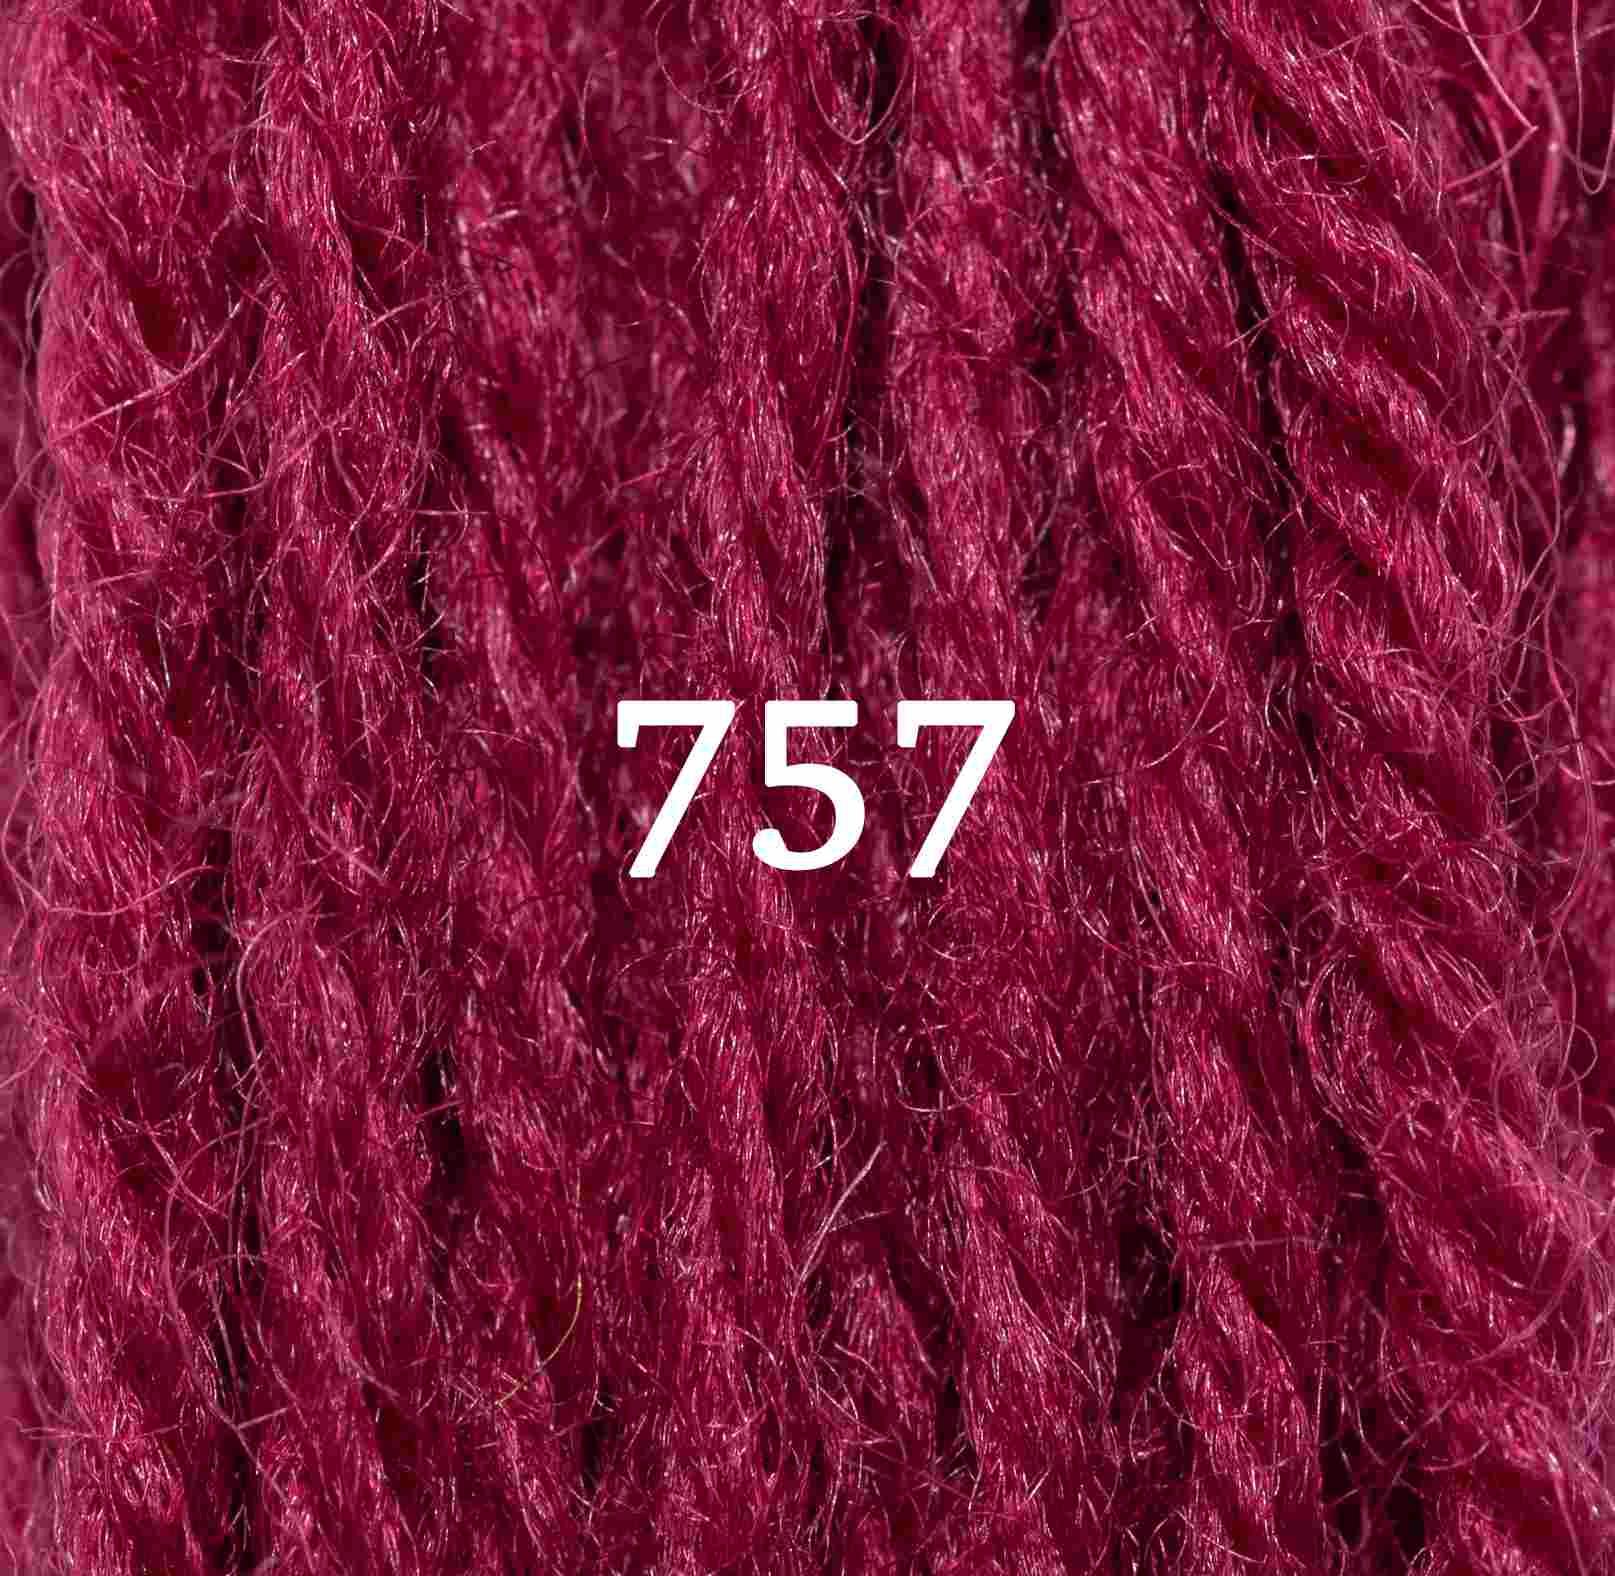 Rose-Pink-757